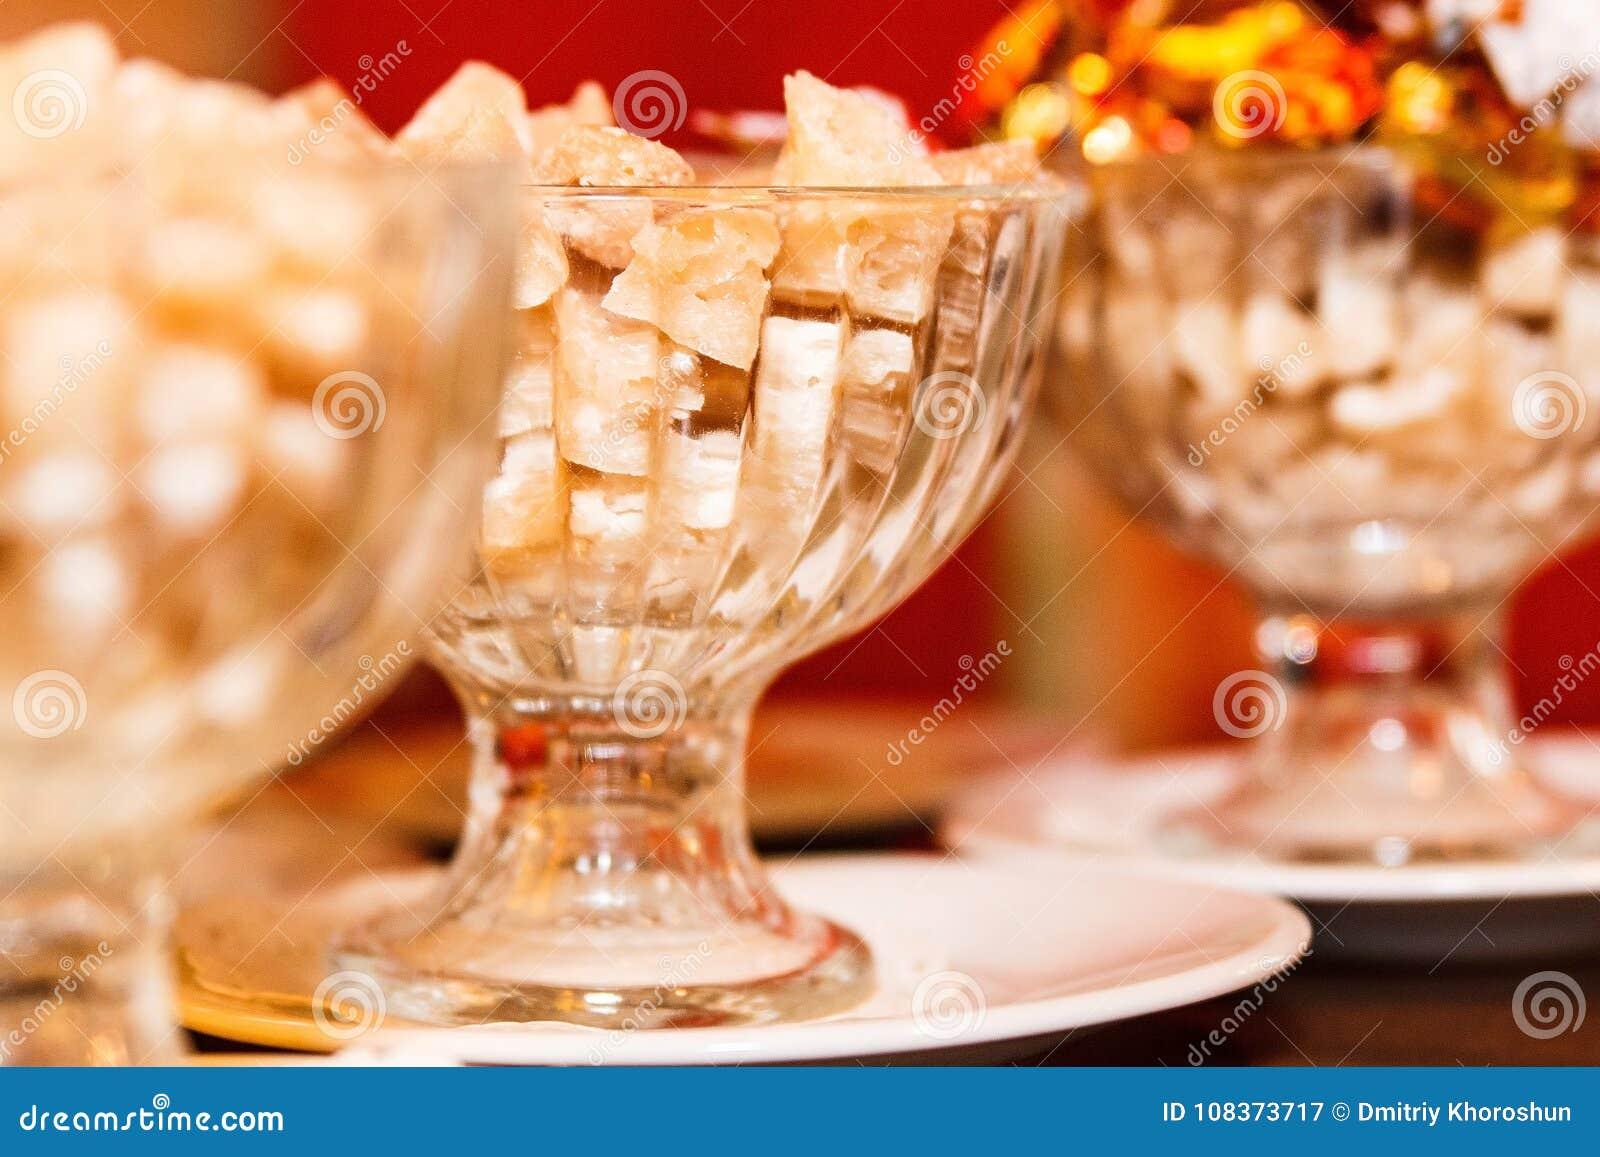 Zucchero e dolci di grumo di Brown in ciotole sulla tavola, primo piano, fuoco selettivo, tono caldo